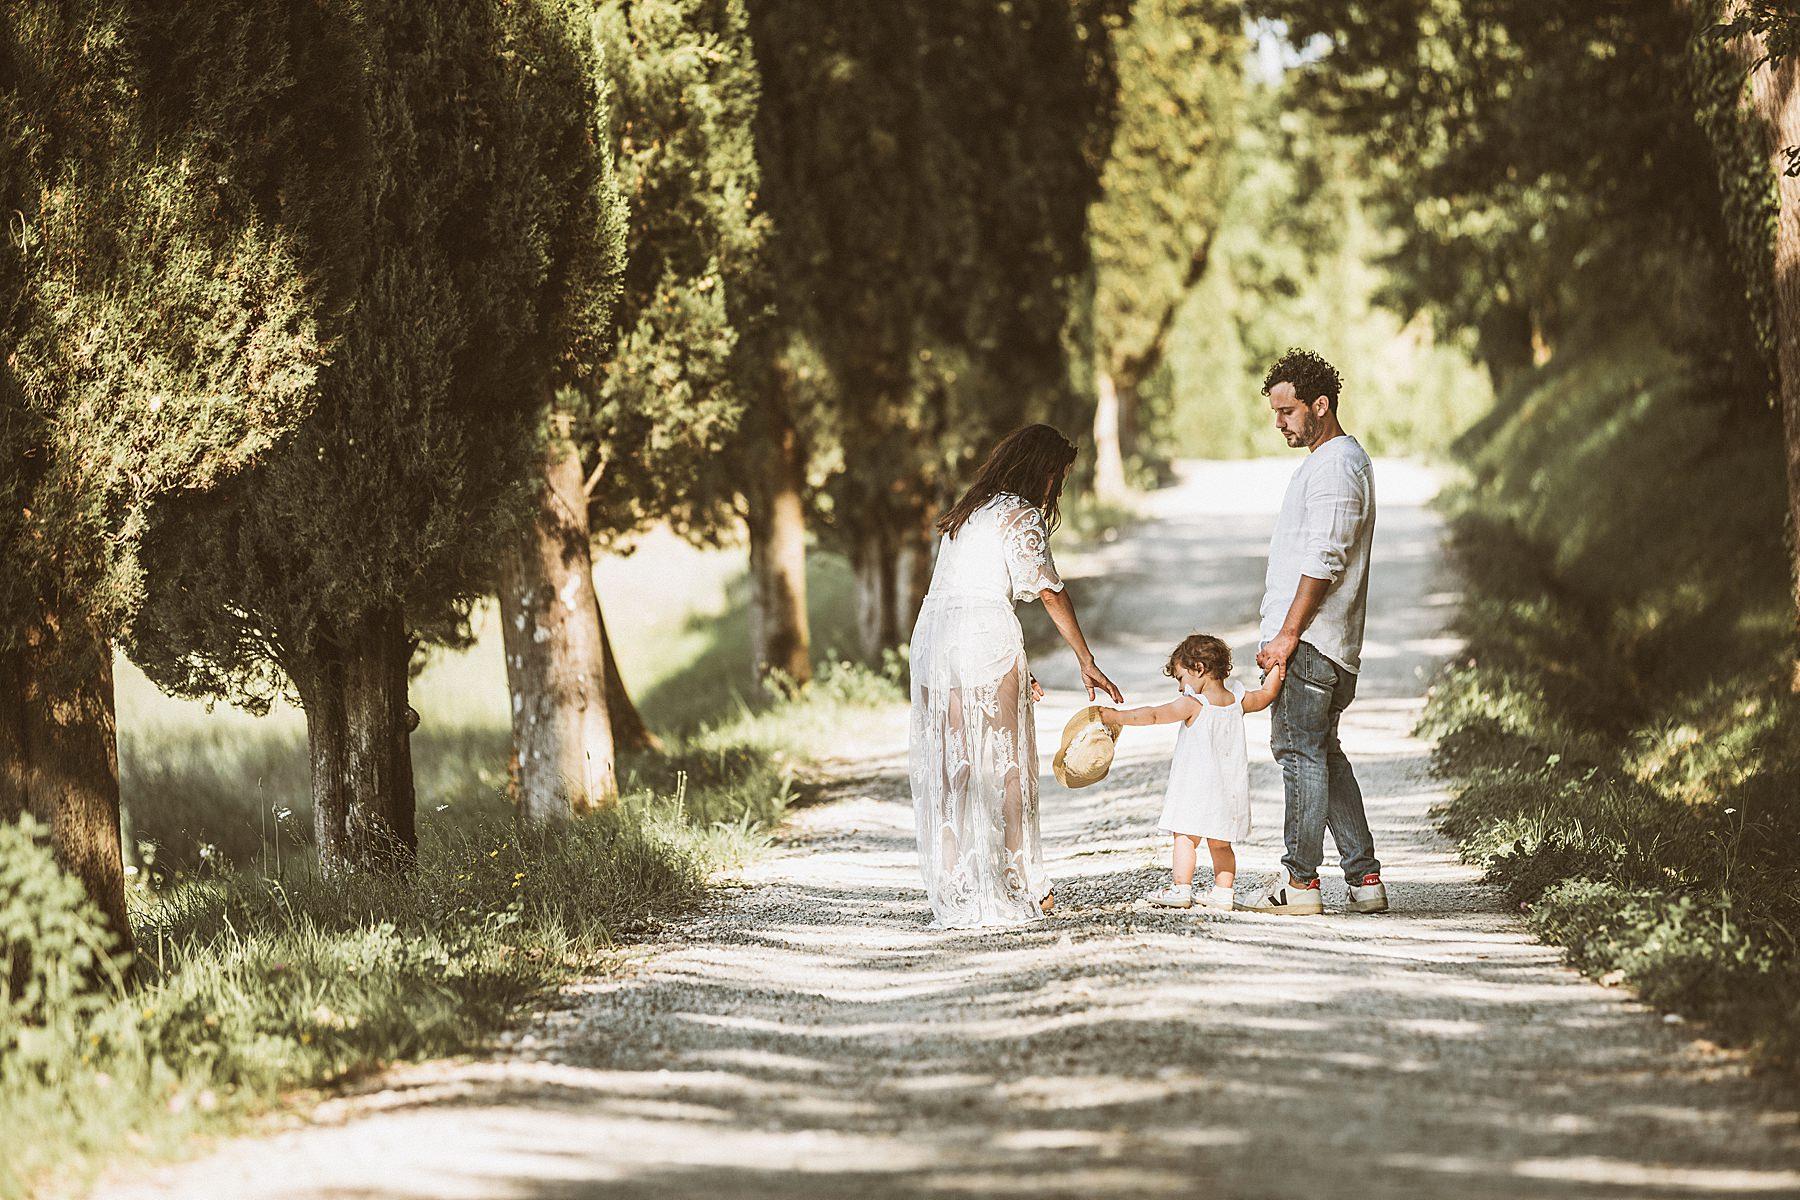 sessione di famiglia nelle campagne del mugello